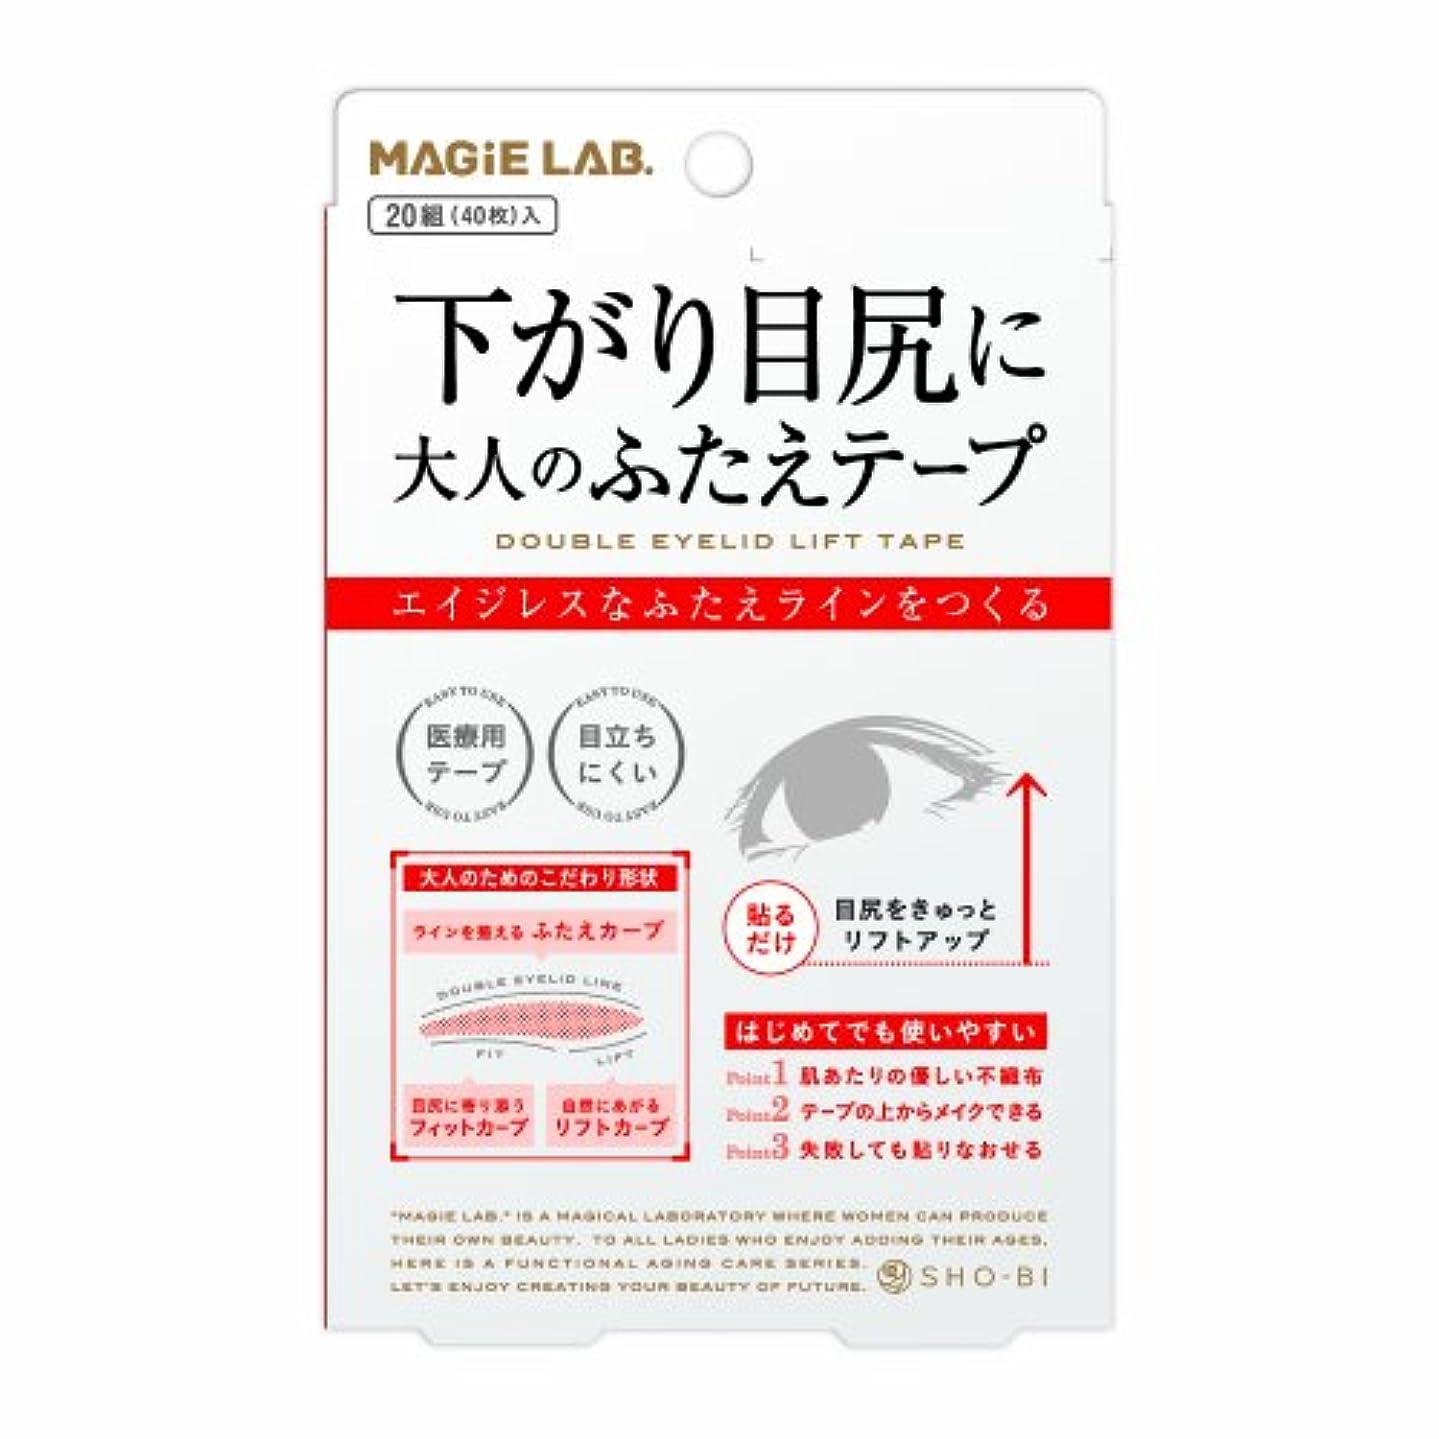 豆対象に頼るMG22105 下がり目尻に 大人のふたえープ 20組40枚入 整形テープ マジラボ MAGiE LAB.